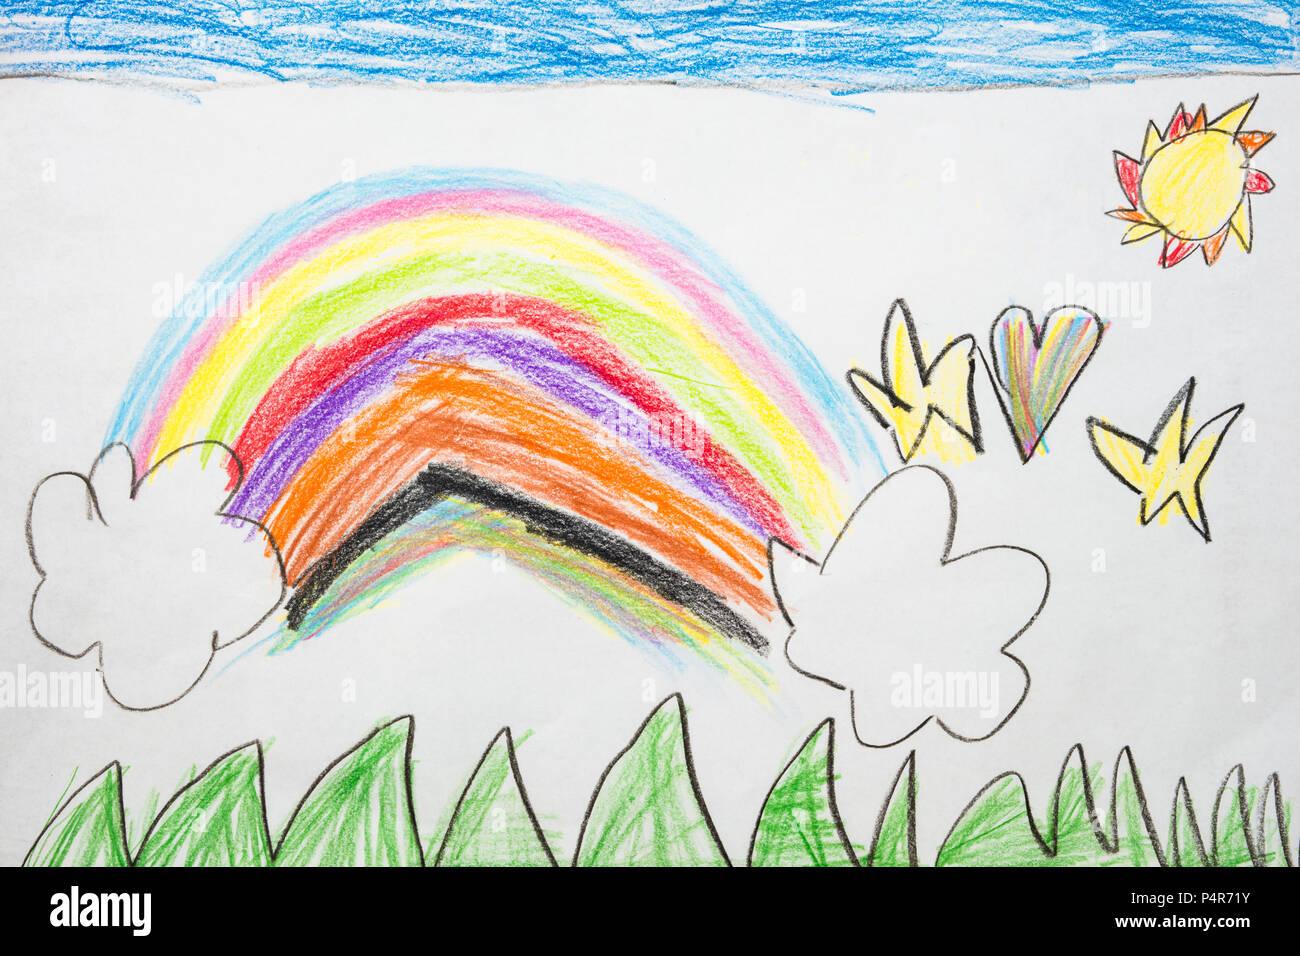 Kid S Colores Dessin D Un Arc En Ciel Banque D Images Photo Stock